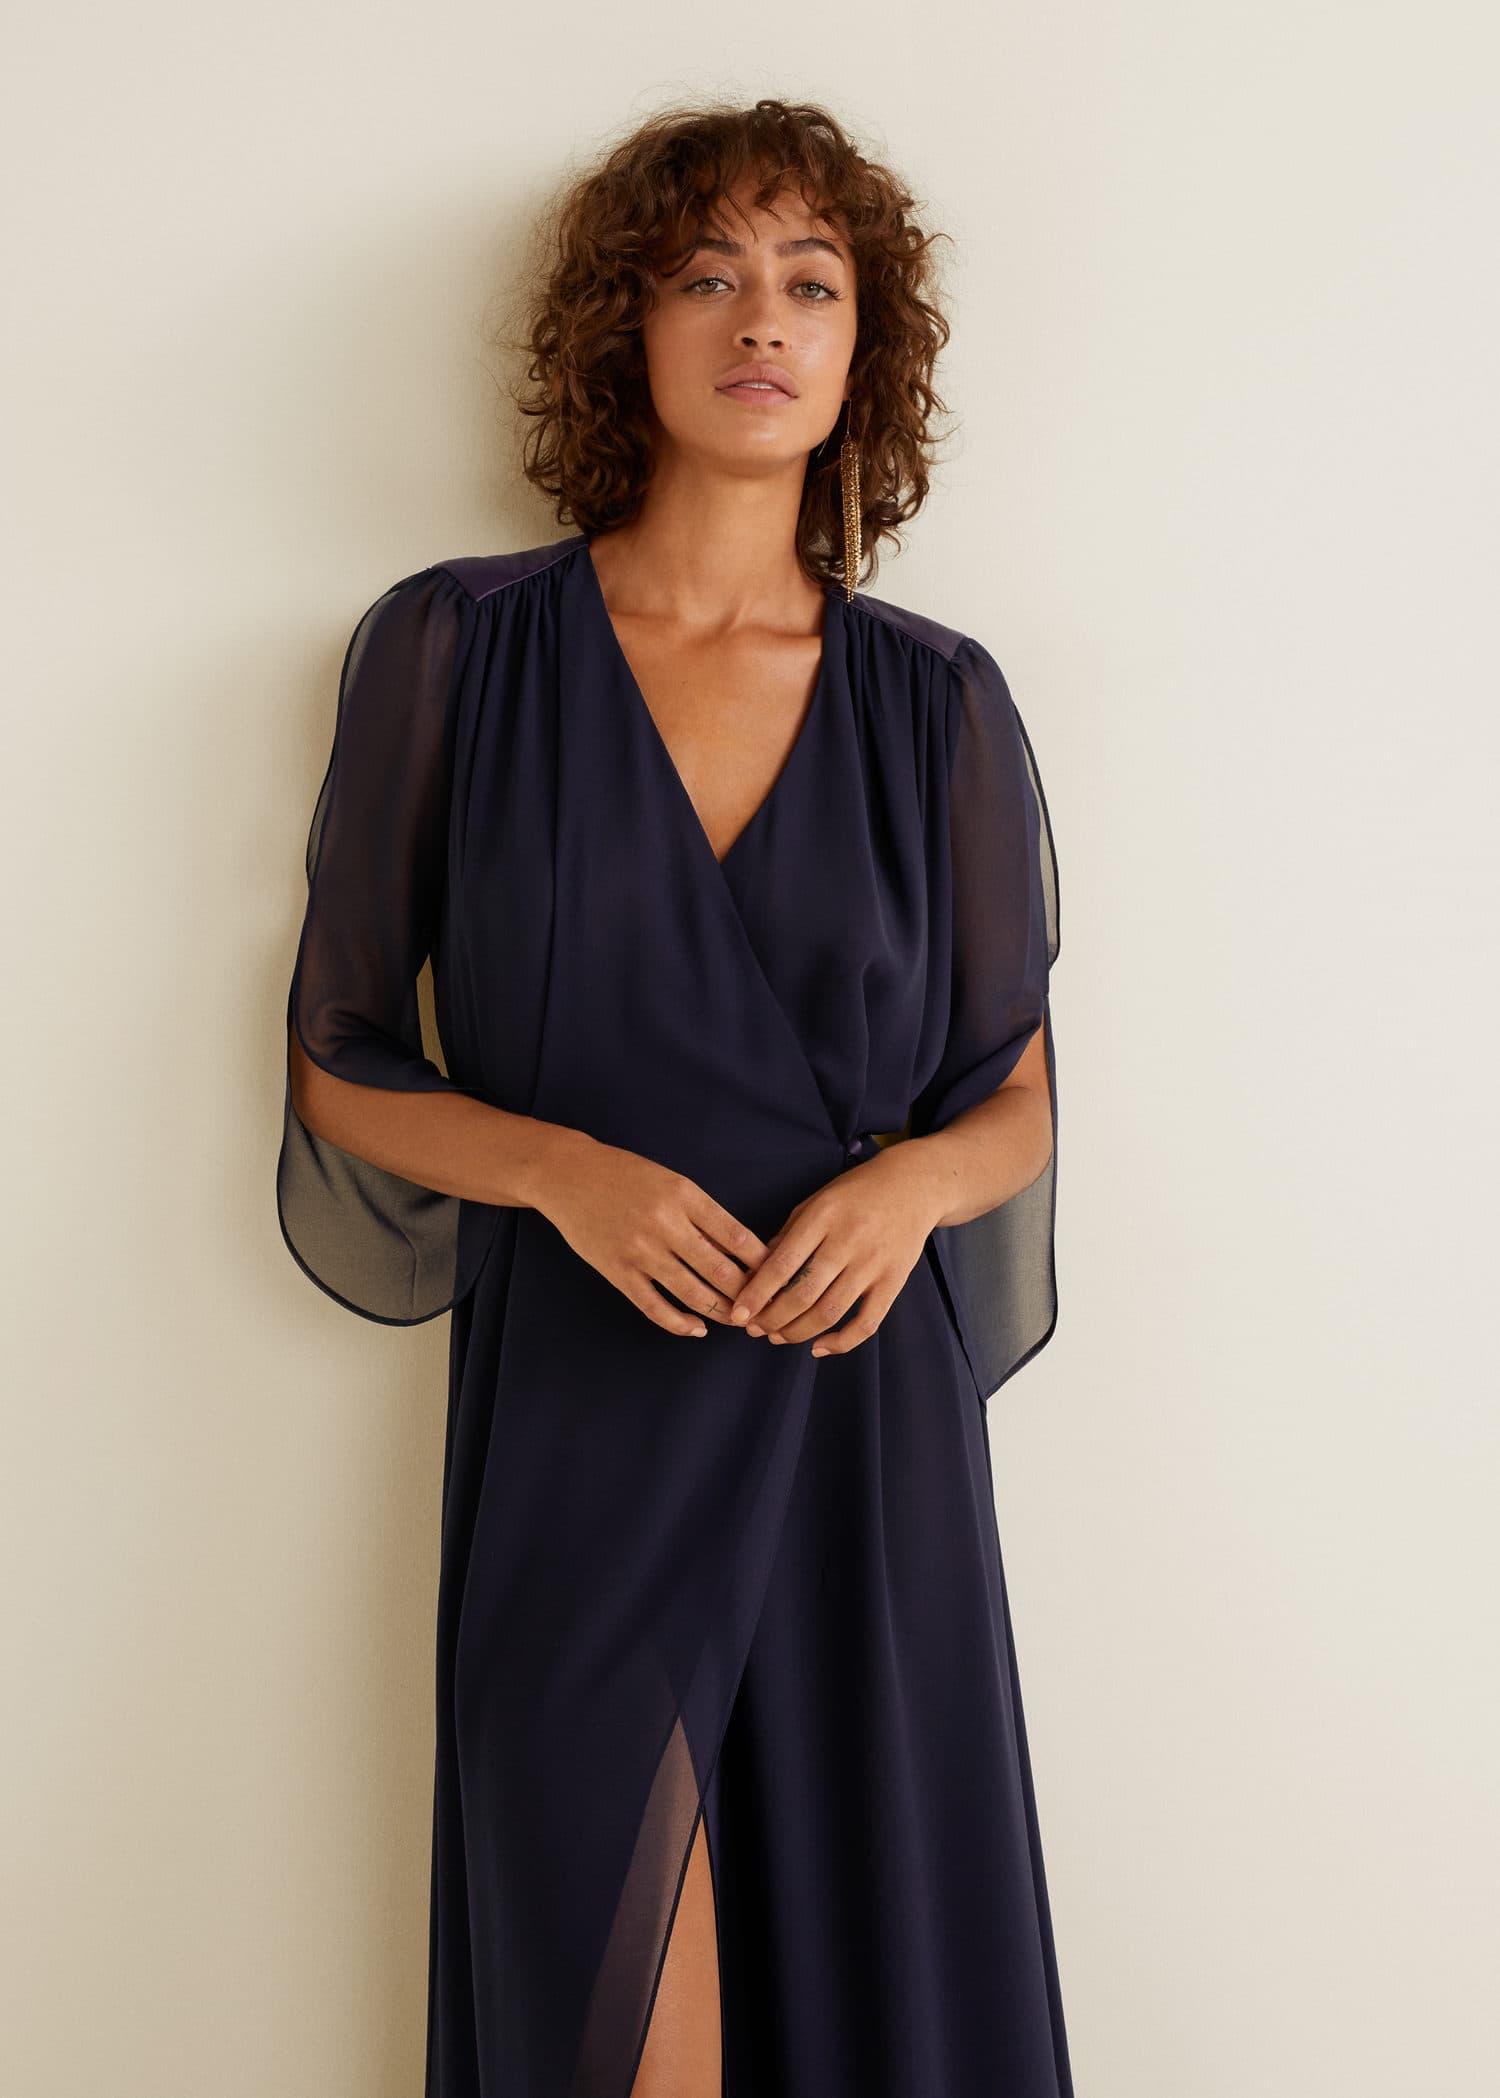 943a81ae5fb9 Vestidos - Prendas - Mujer | OUTLET España